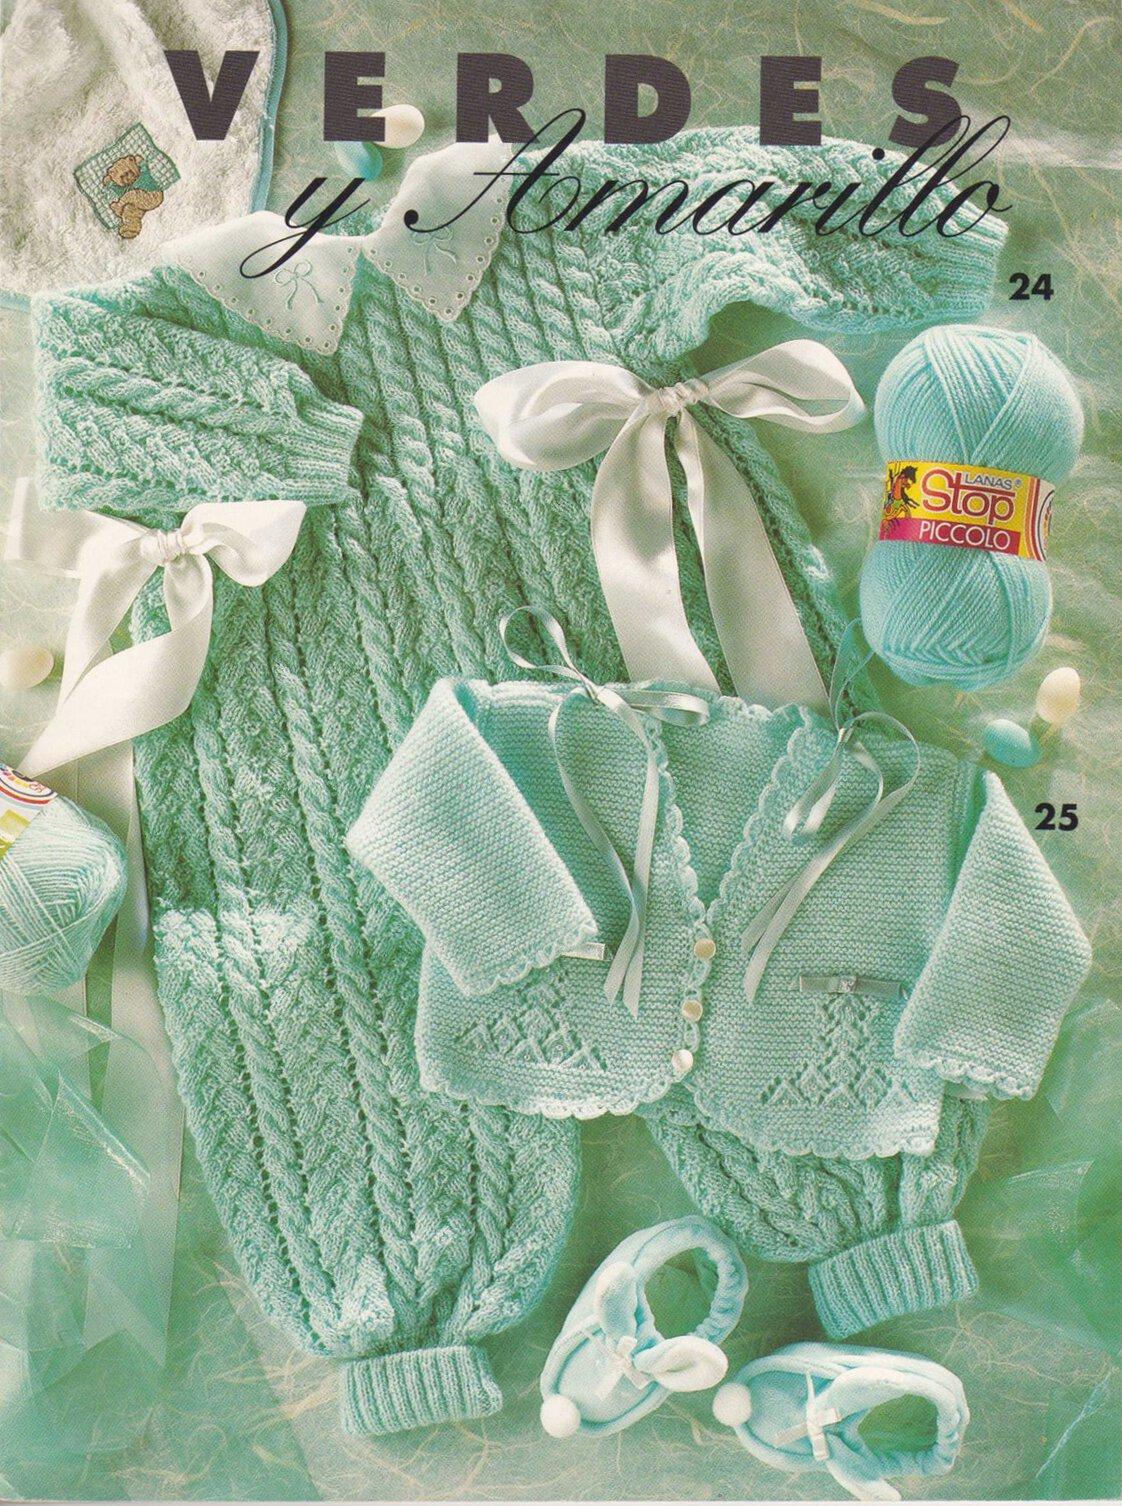 Комбинезон и жакет для малышей Verde Agua, Lanas Stop